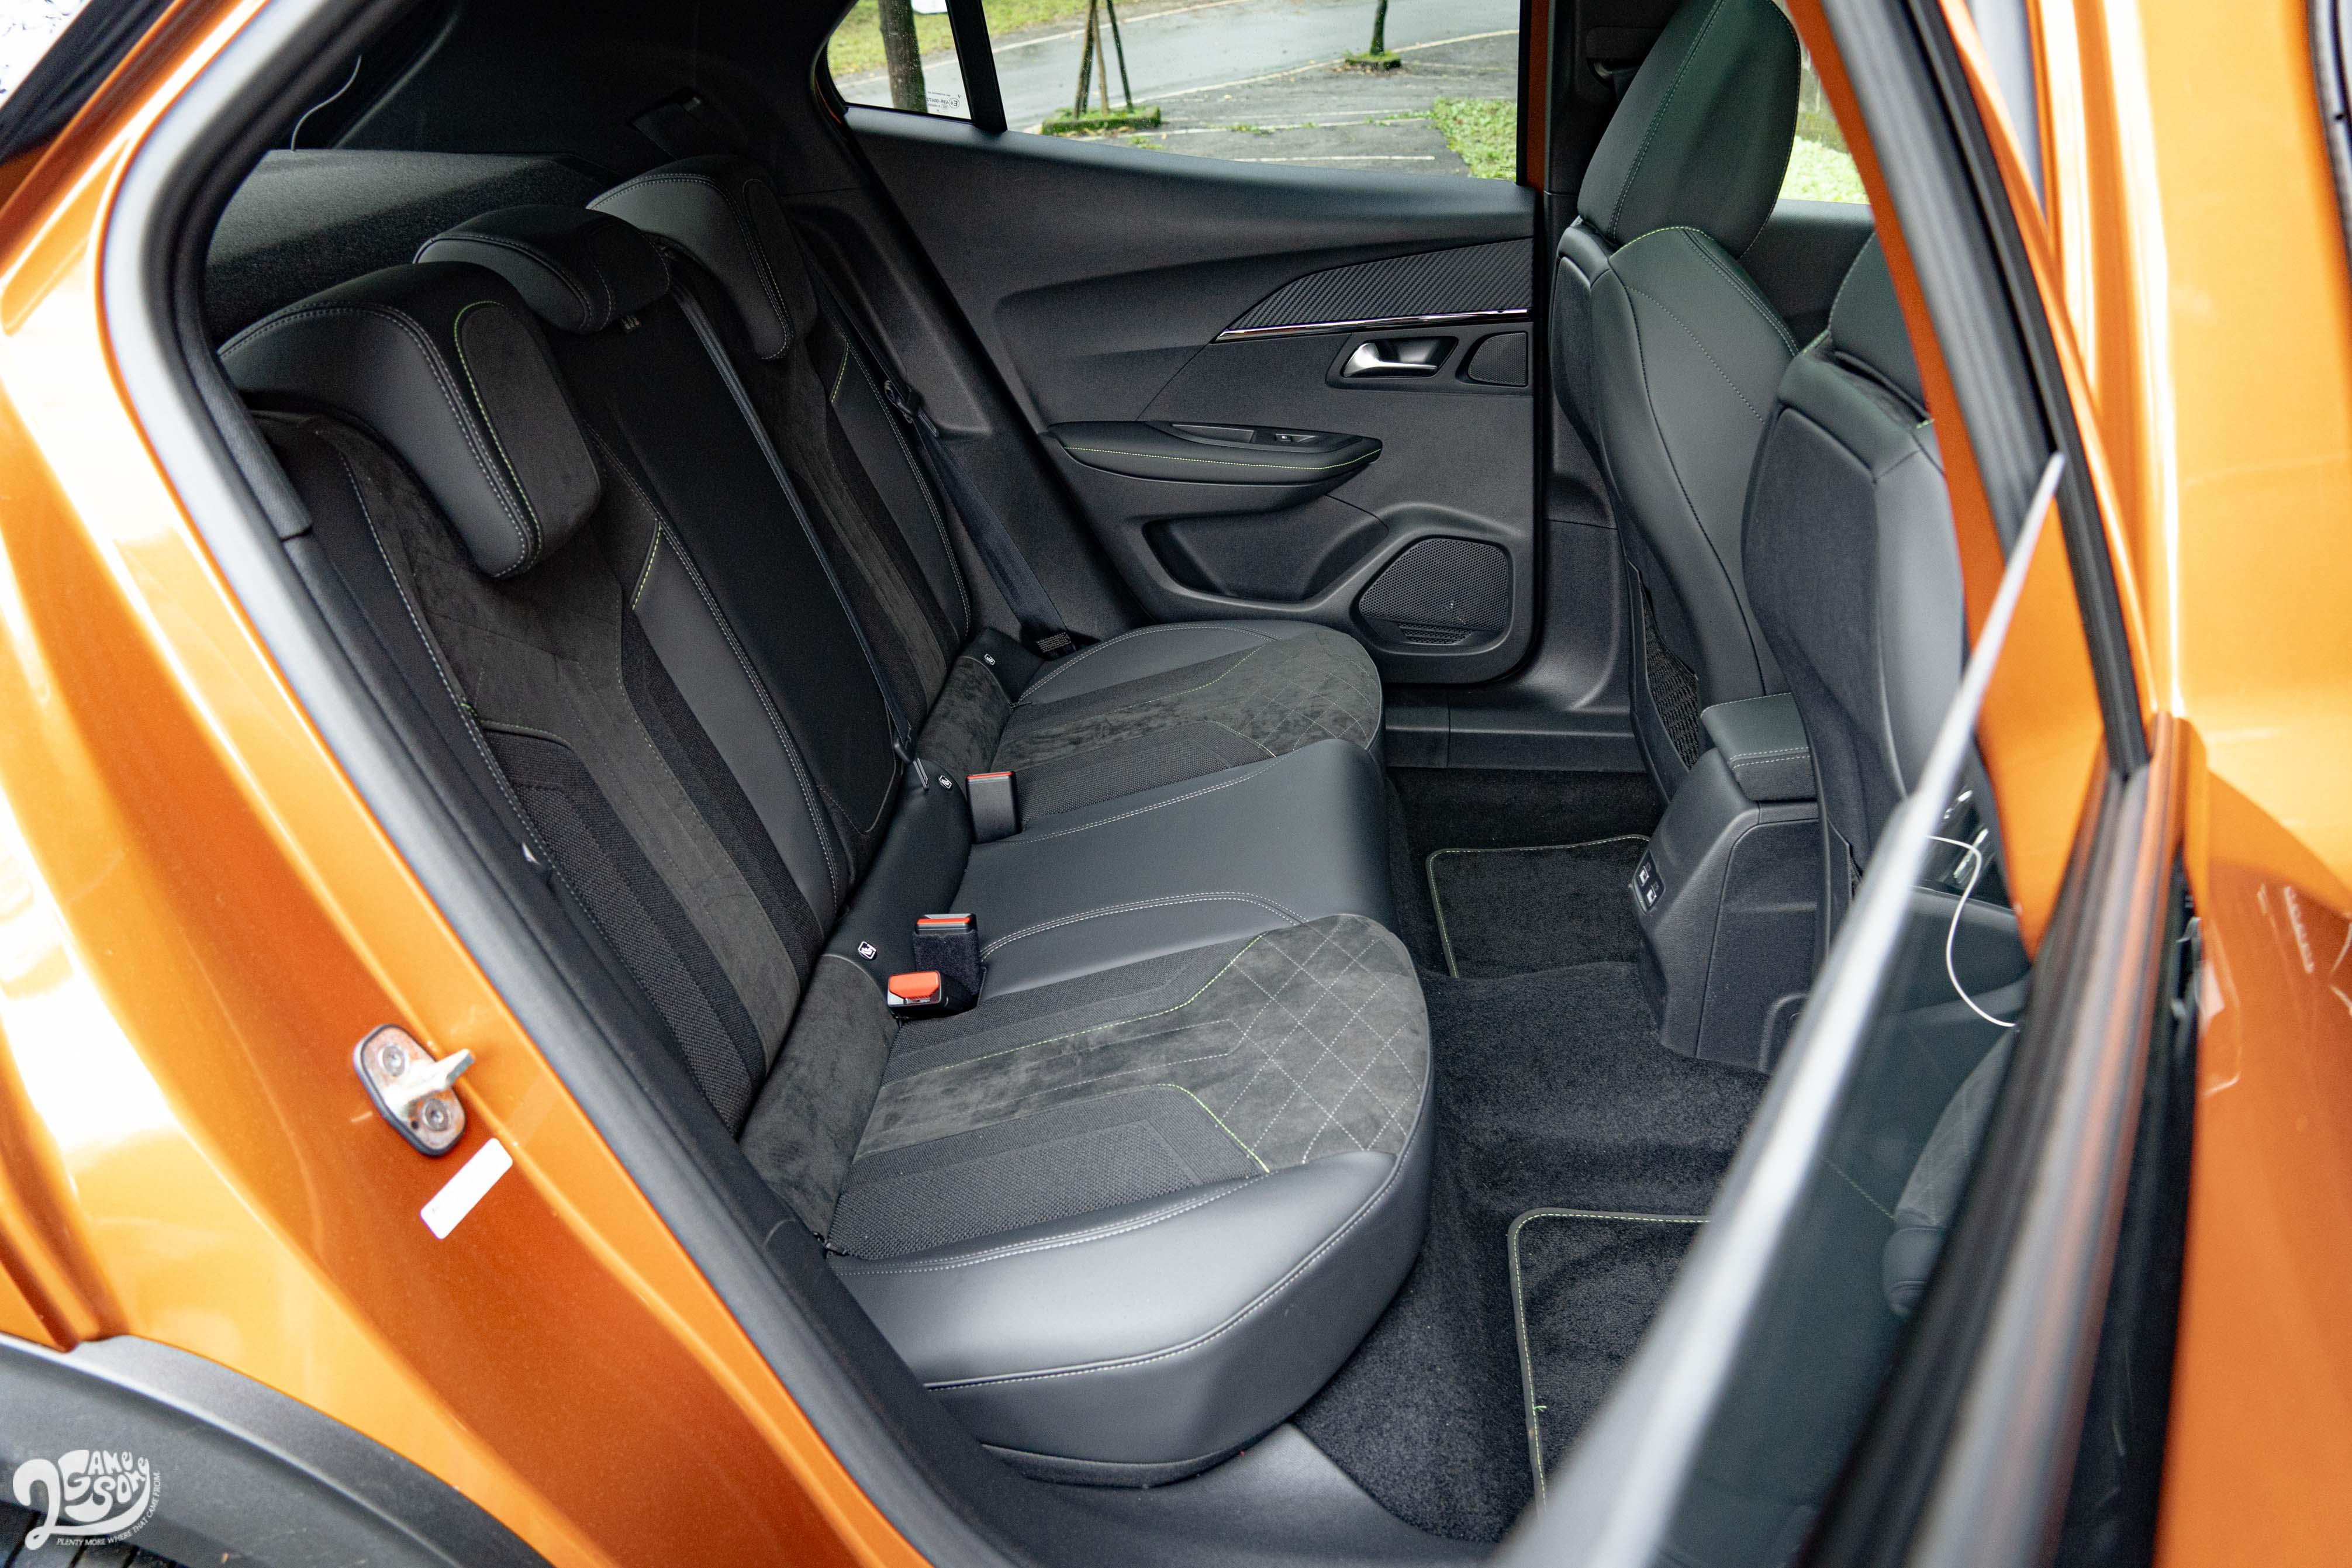 後座少了出風口,且車窗開口相對小。寬敞的乘坐空間和較傾斜的椅背角度,明顯替乘坐舒適加分。